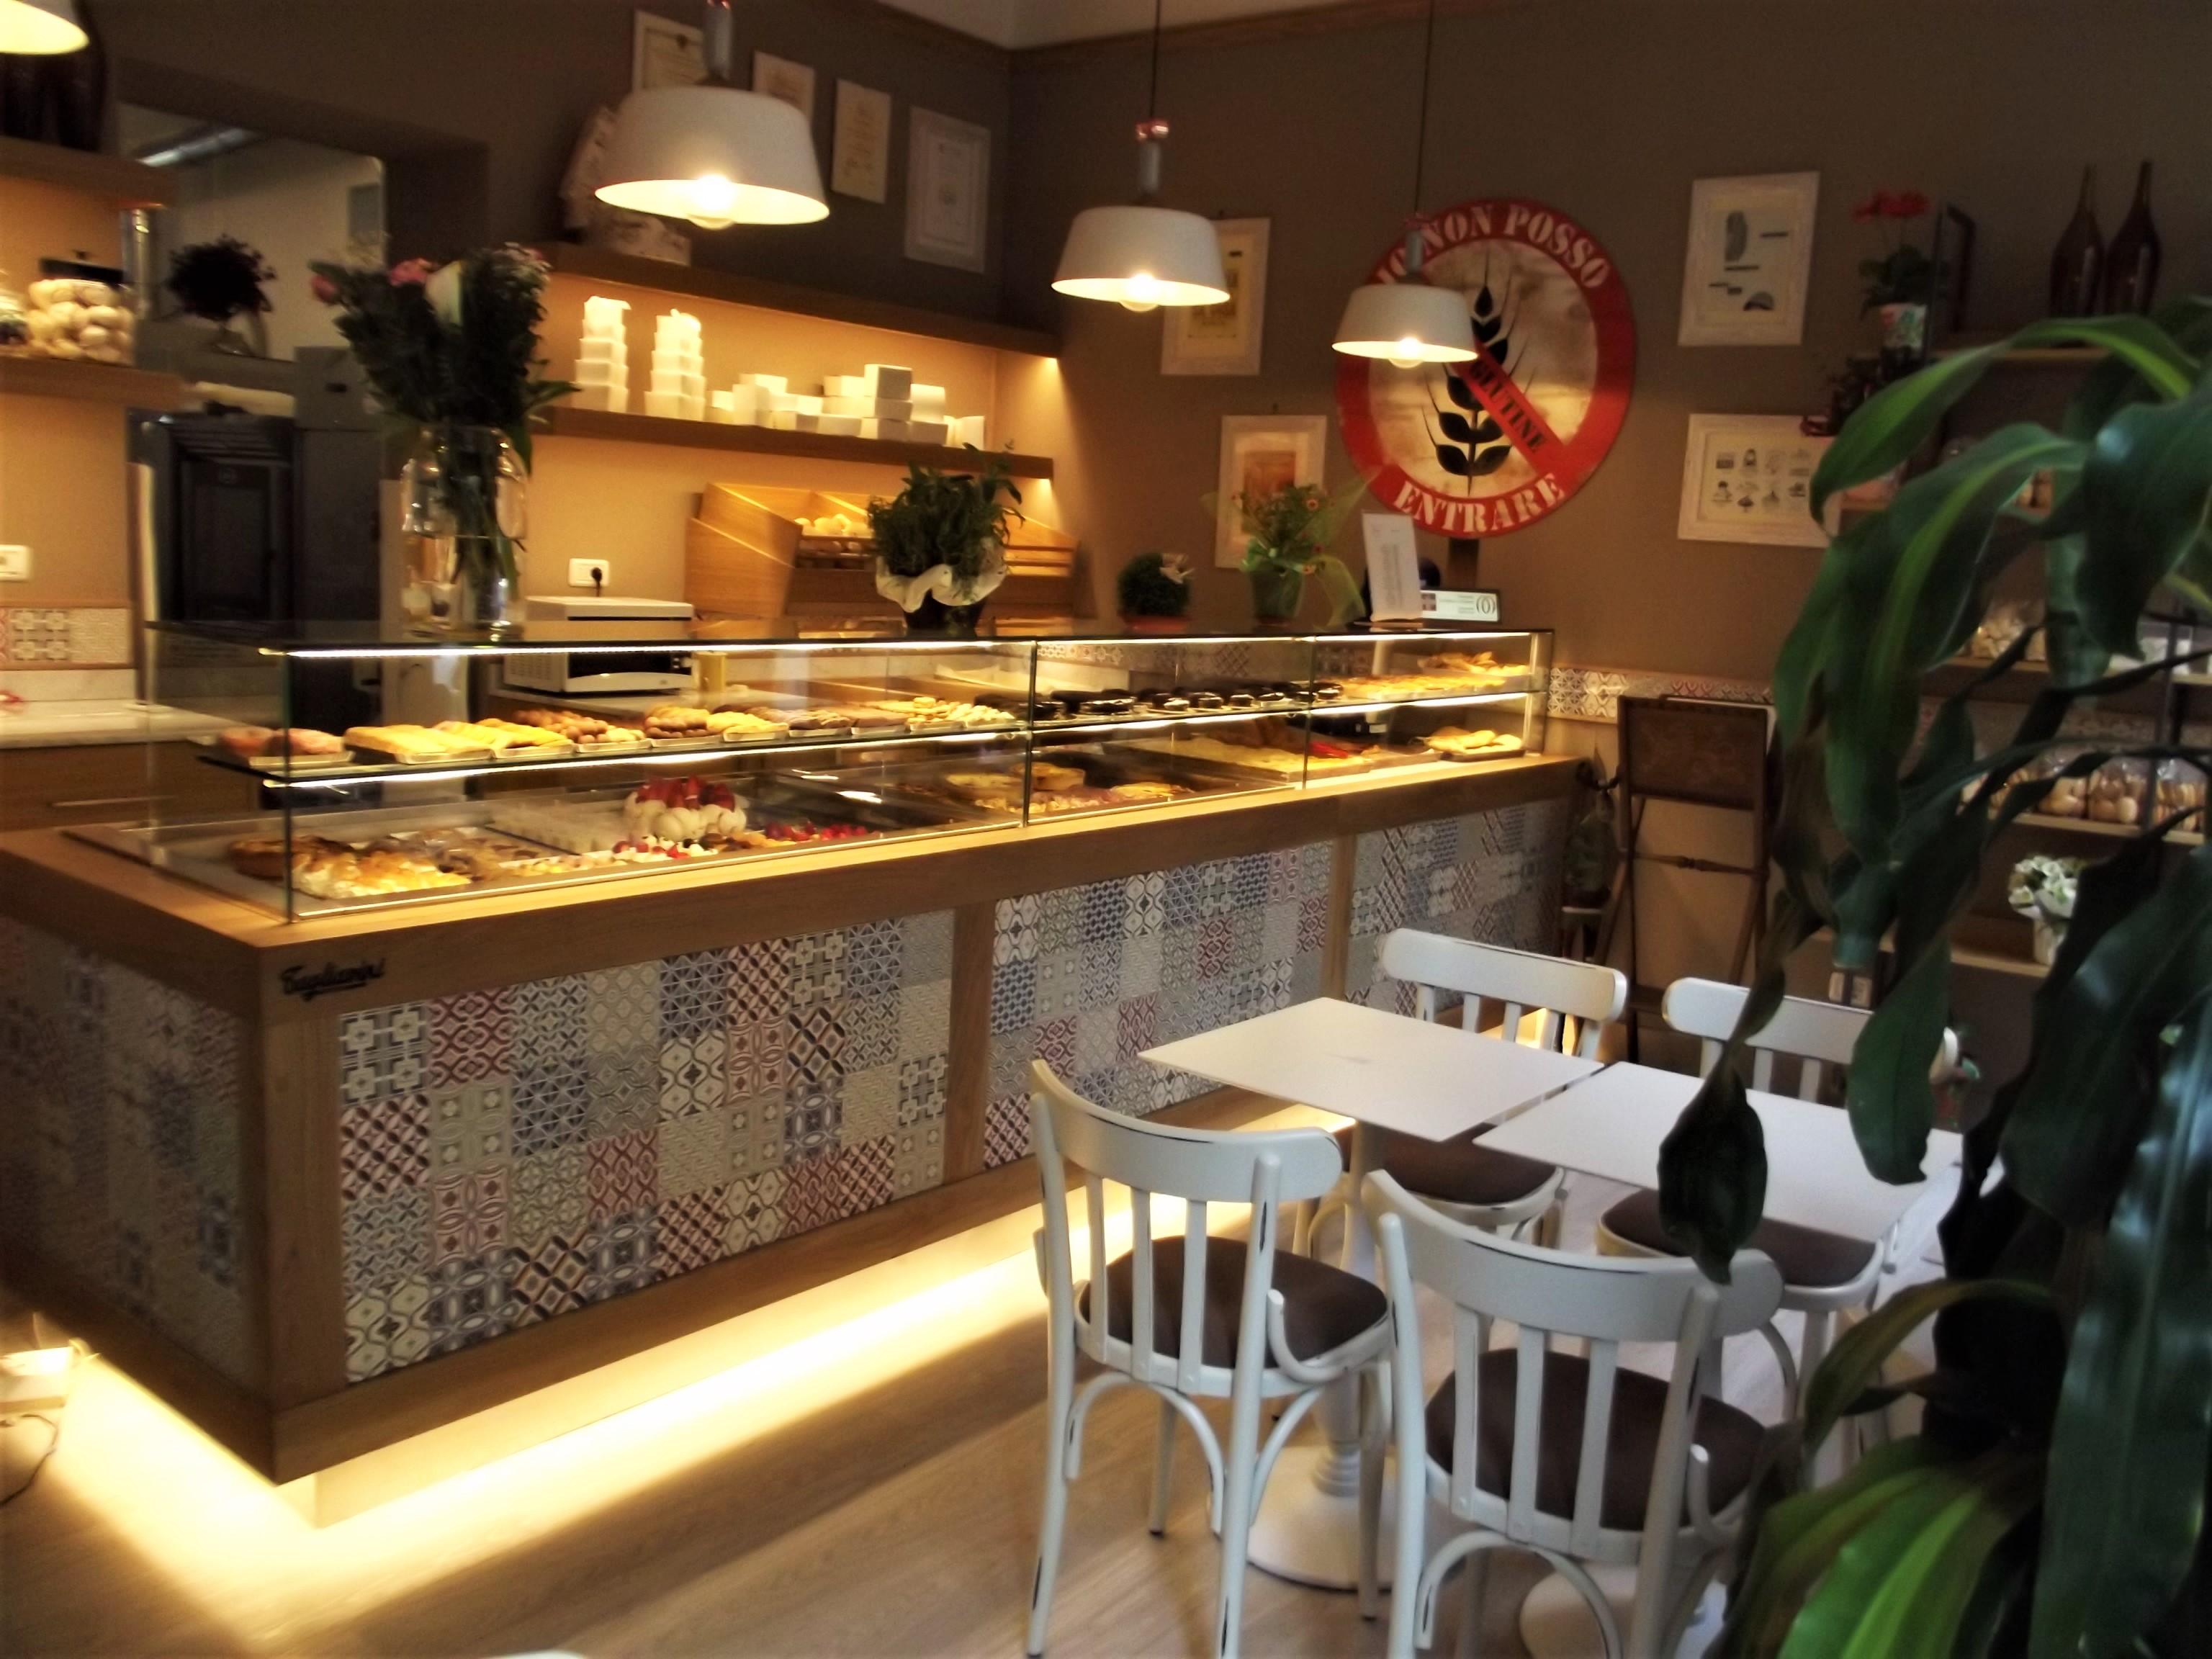 Locali della pasticceria senza glutine La Madia di Torino